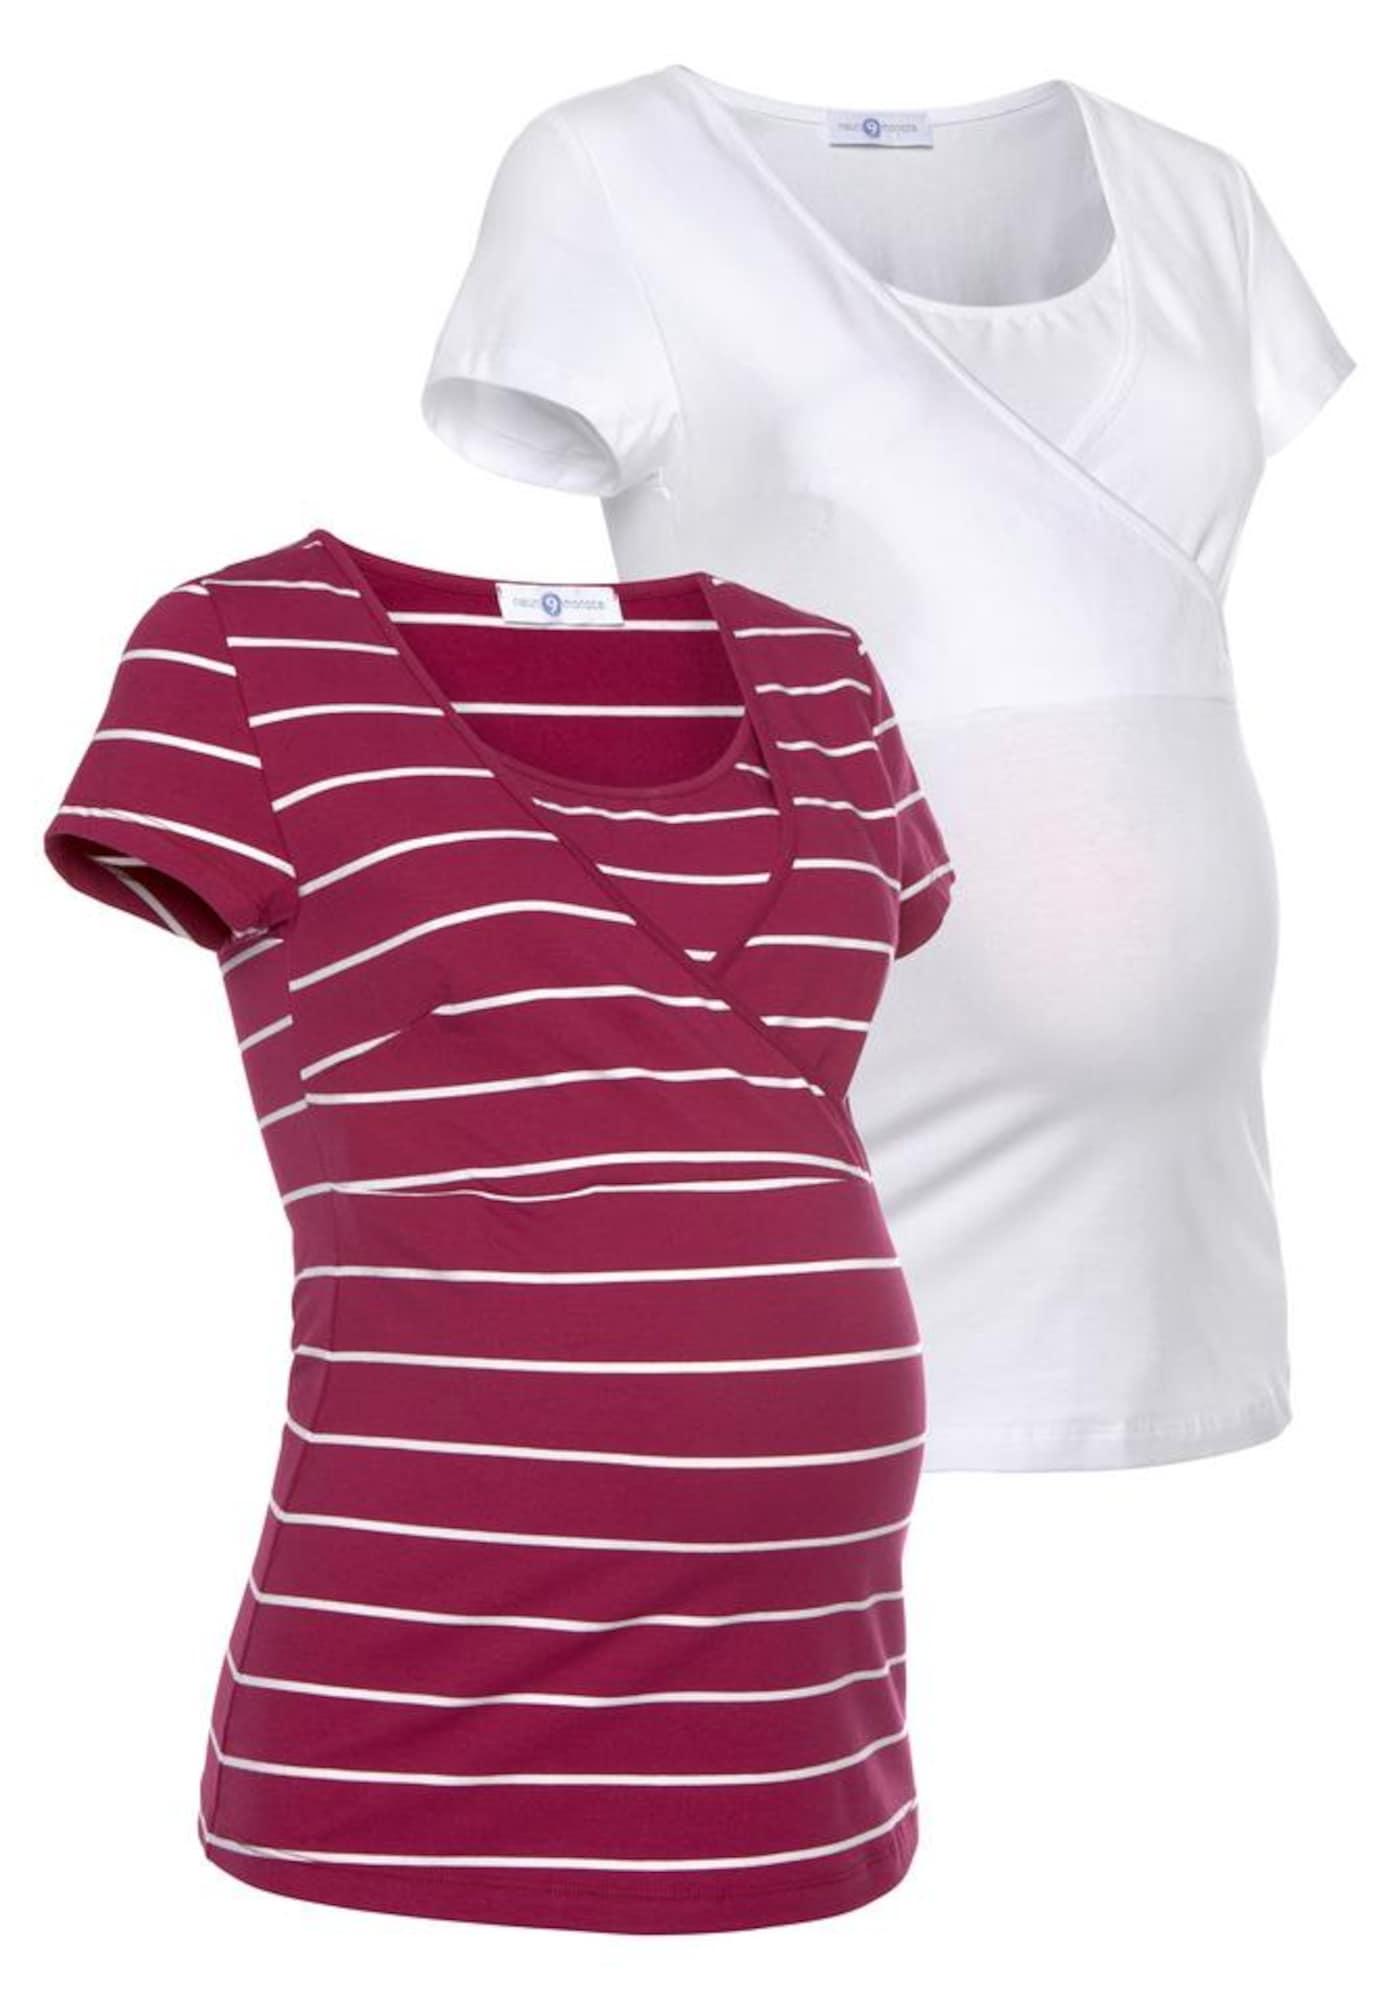 Umstandsshirt | Bekleidung > Umstandsmode > Umstandsshirts | Kirschrot - Weiß | neun monate